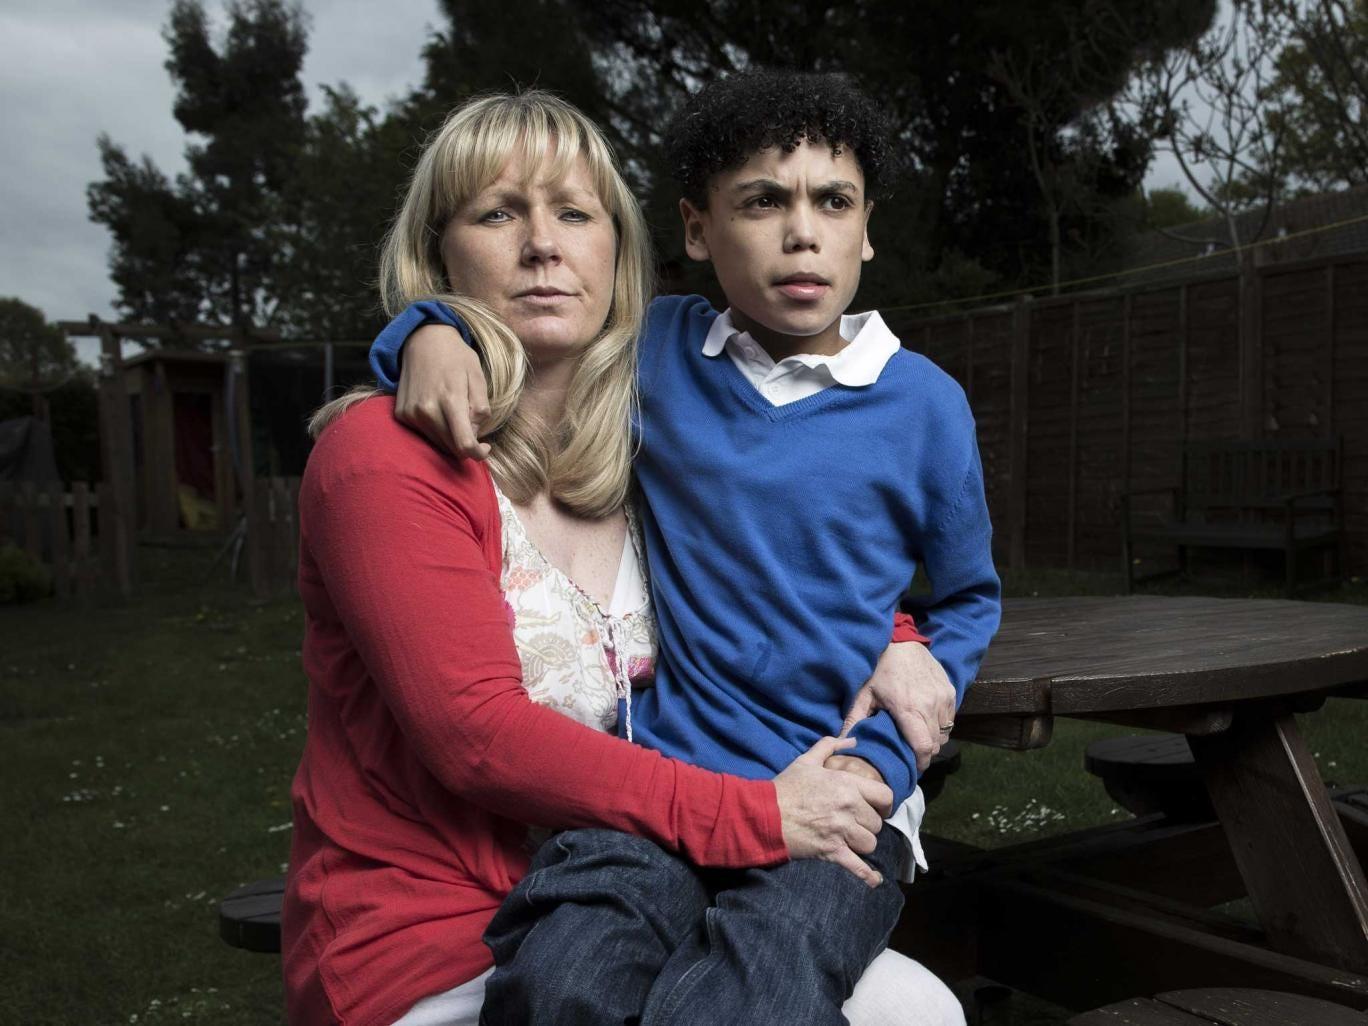 Julie Harden and her son Elliot